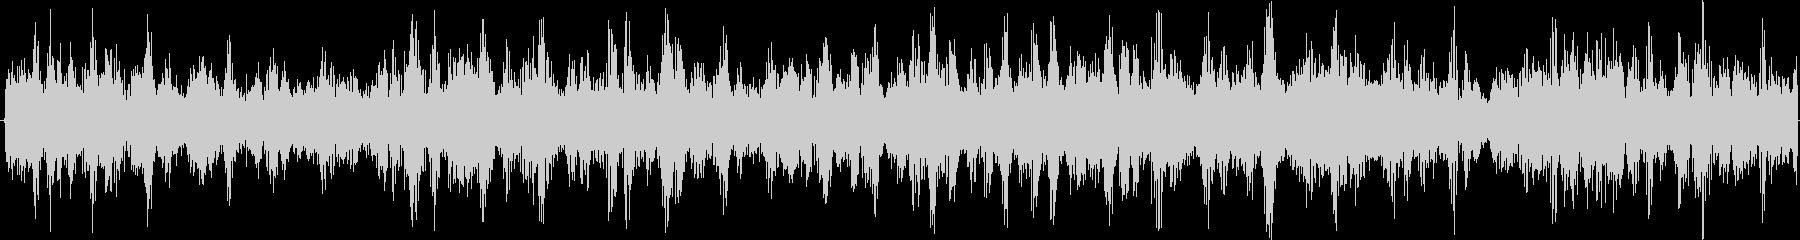 ゲコゲコ(蛙の鳴き声) 音量大の未再生の波形